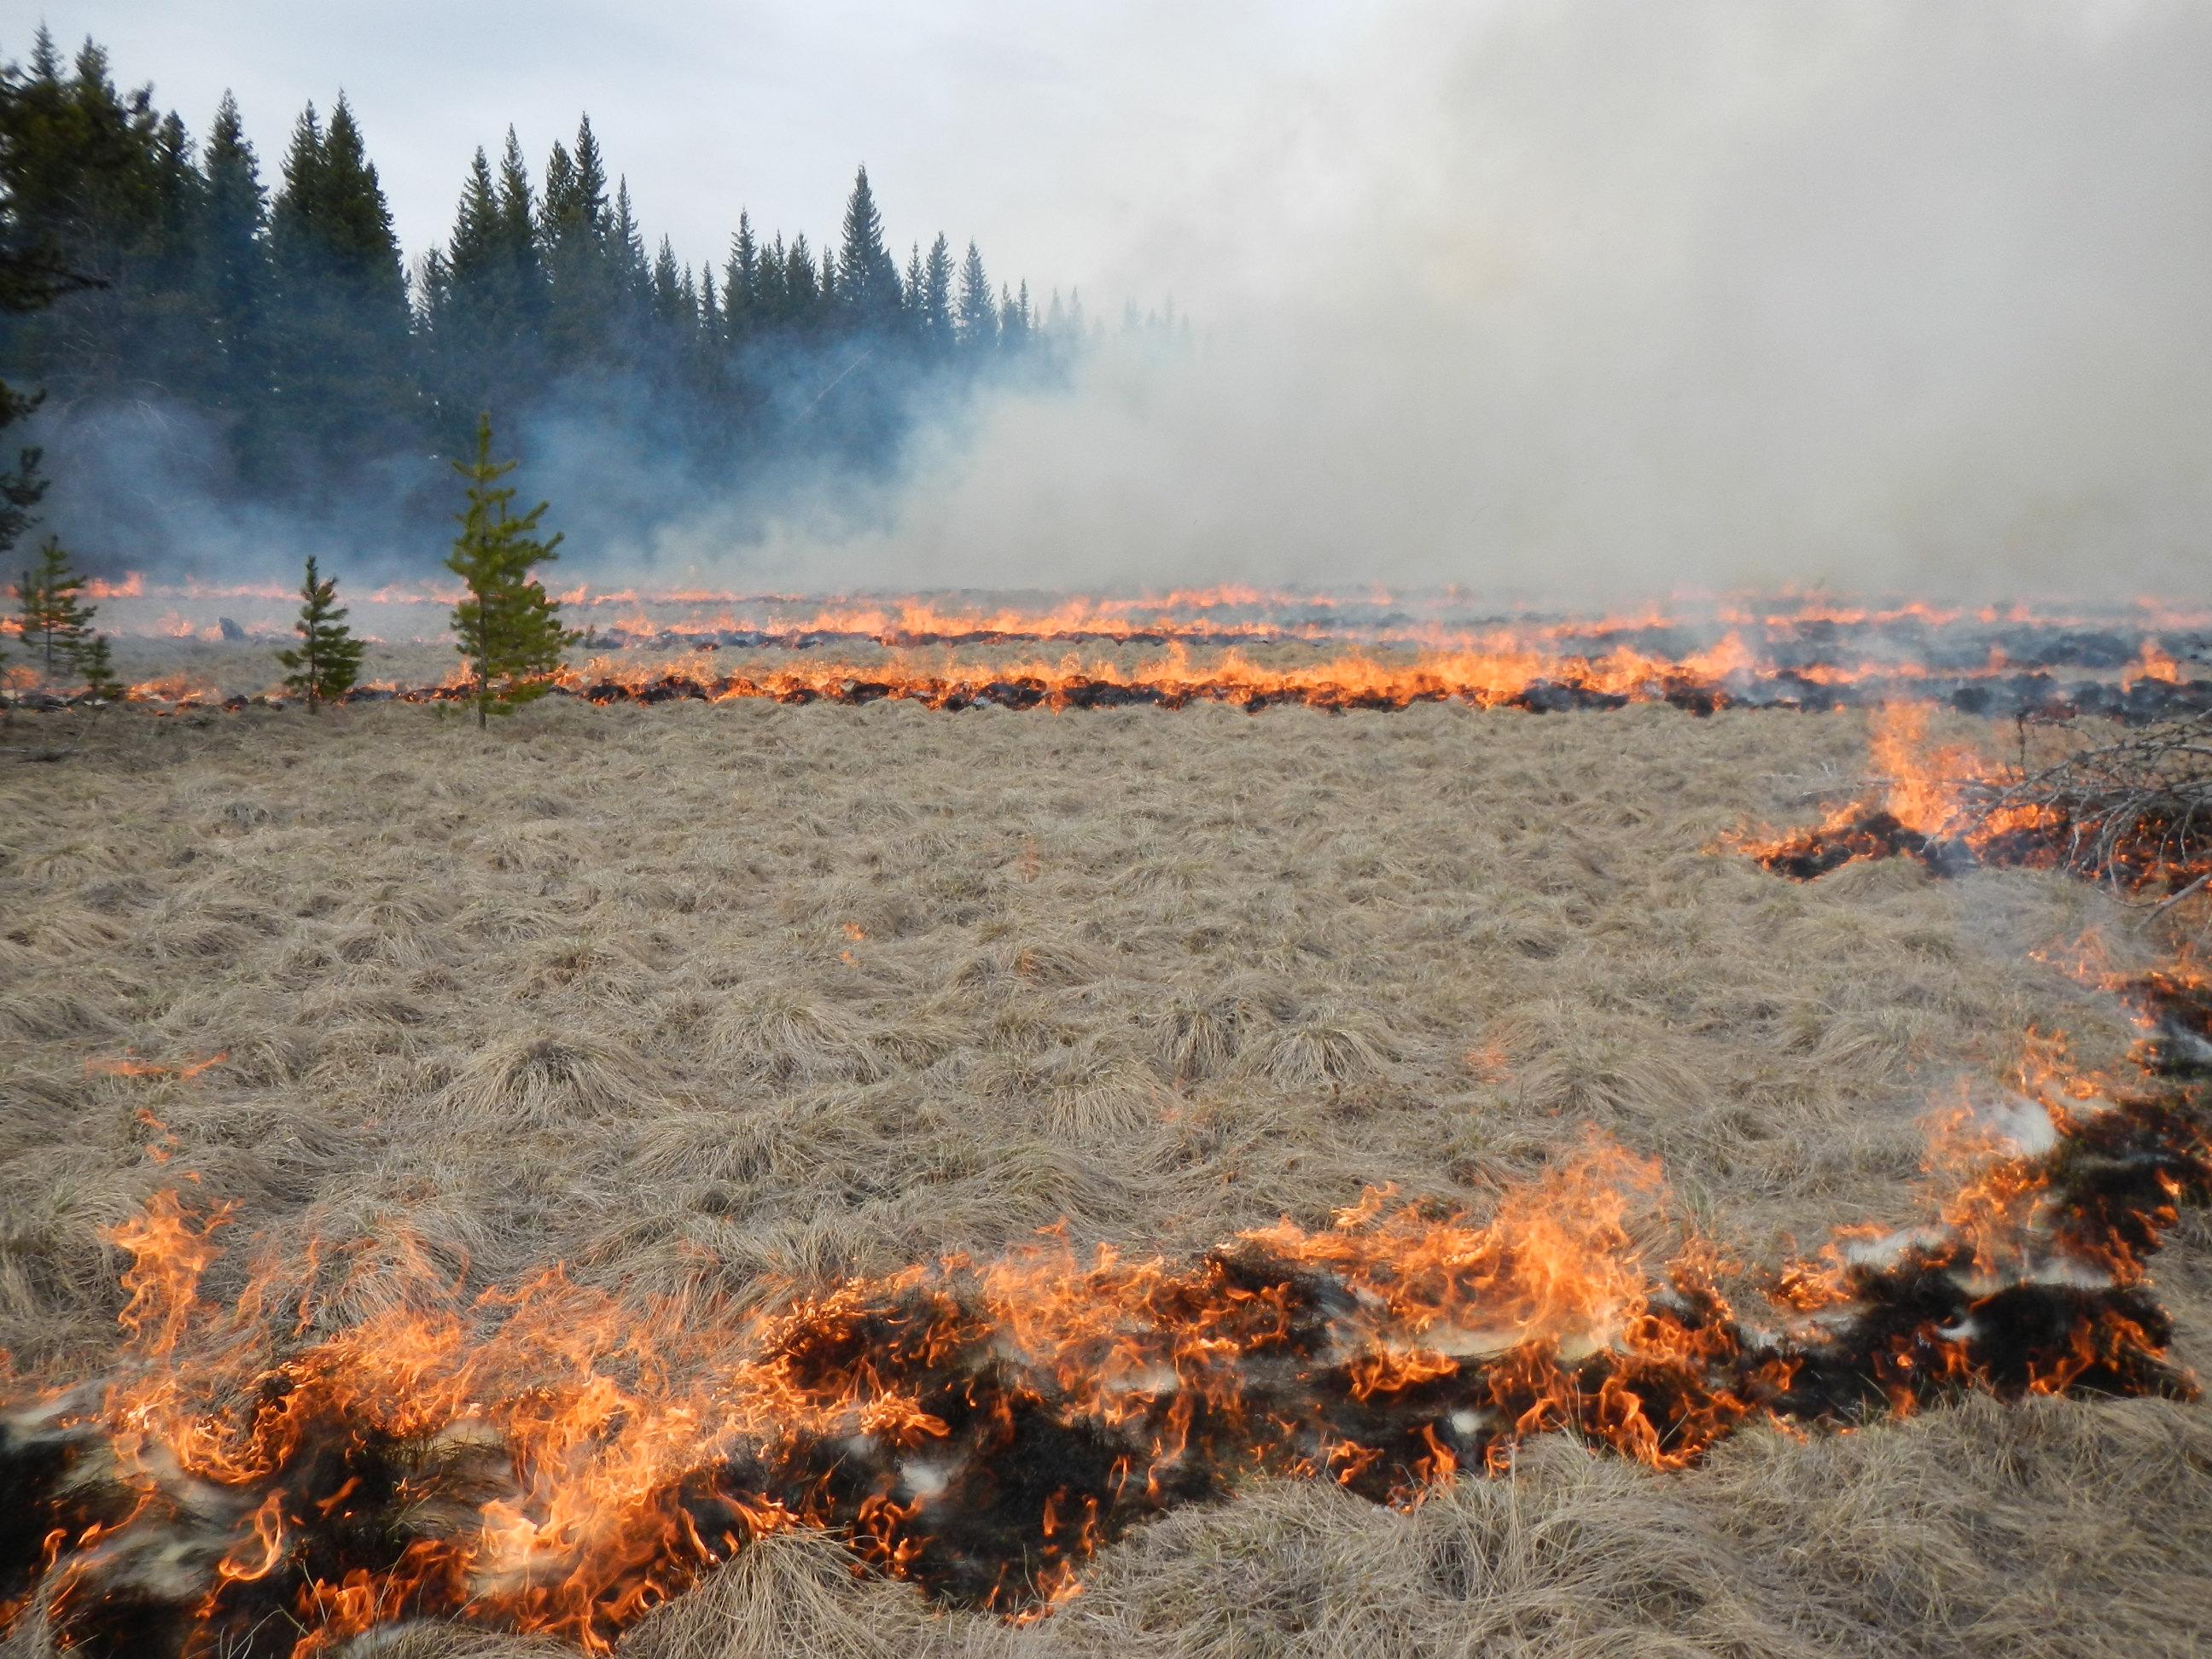 Prescribed Burn Planned In North Fork Glacier National